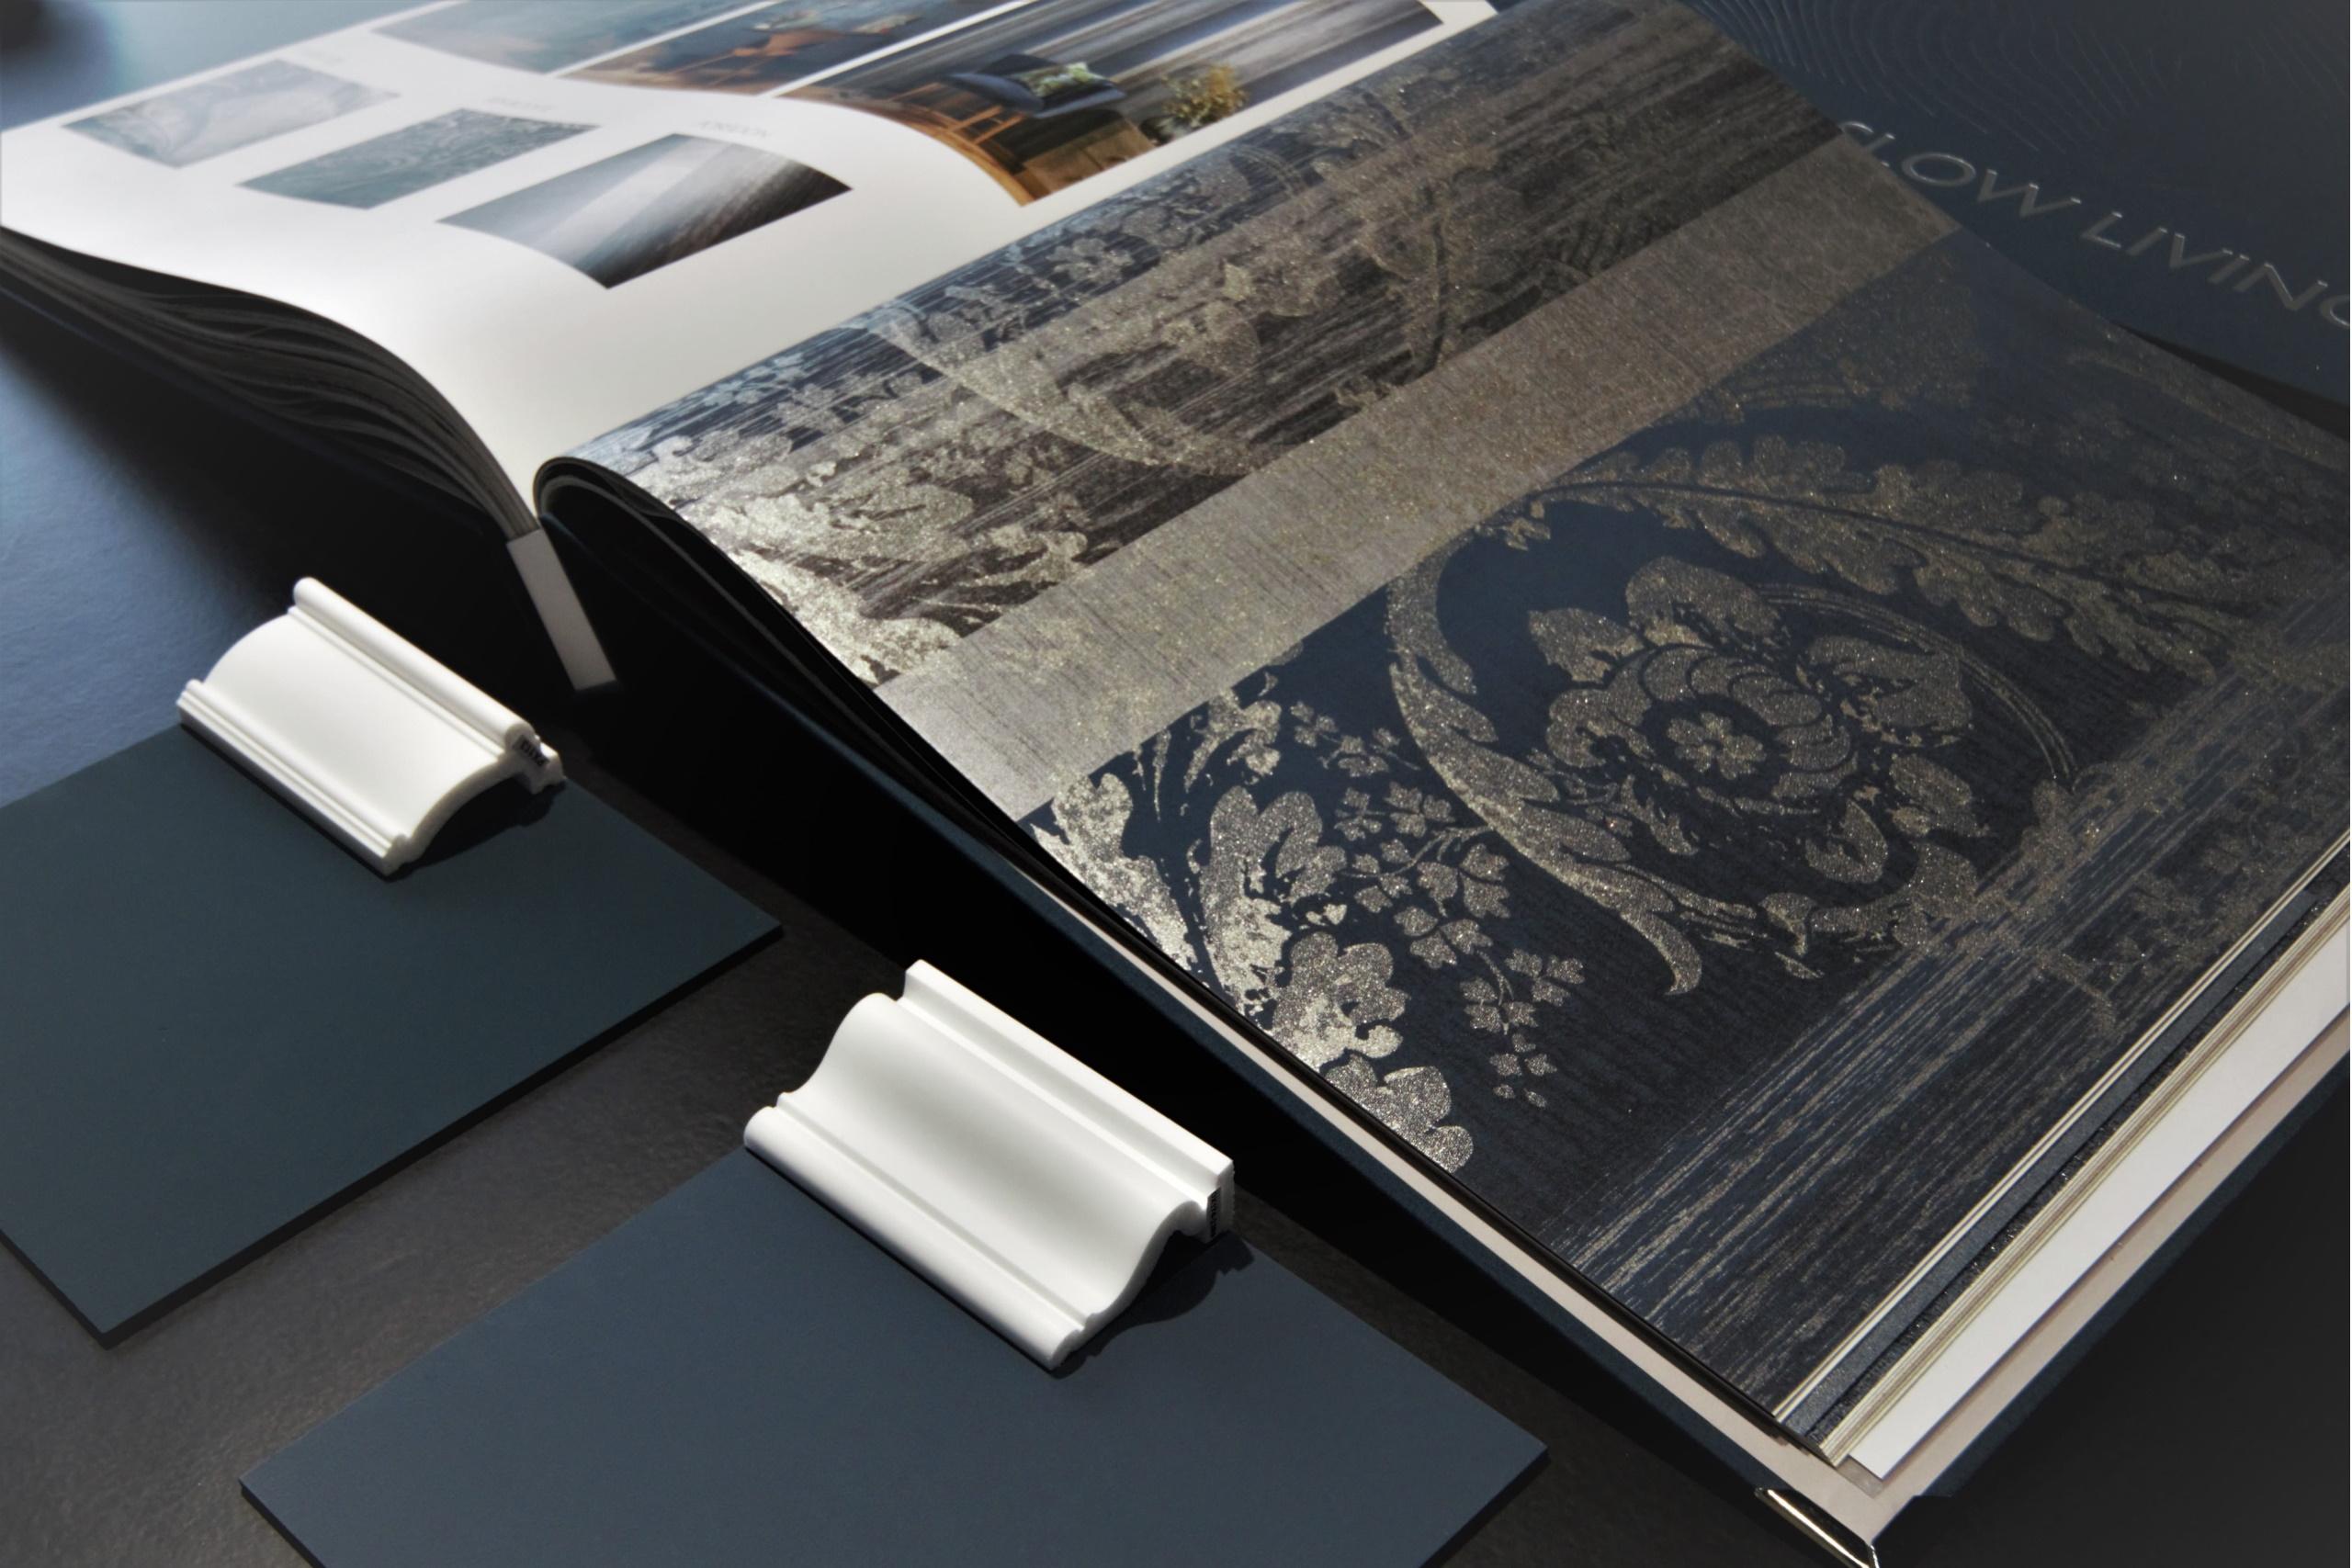 Foto eines Albums, in dem verschiedene Wandtapeten abgedruckt sind